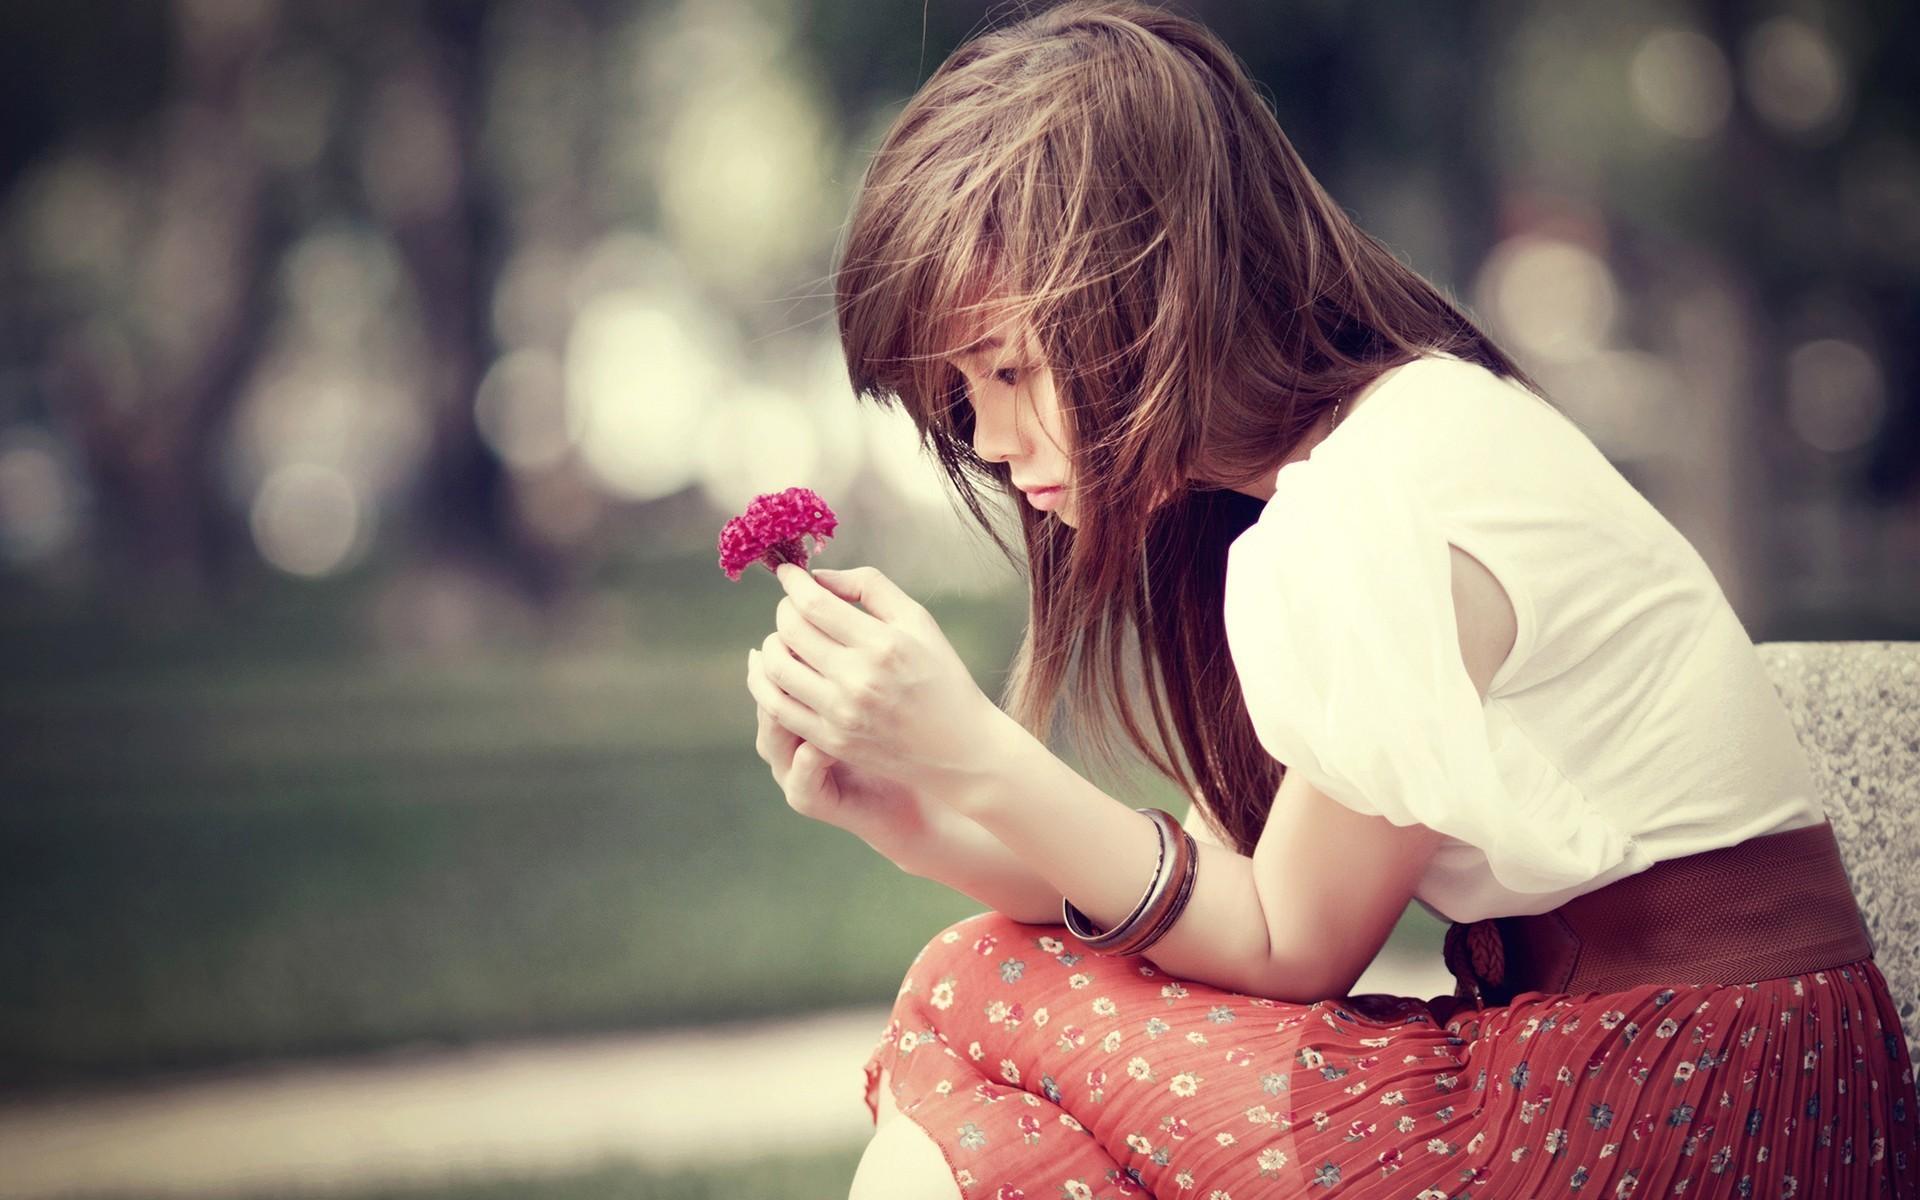 Самая грустная картинка на аву для девушек